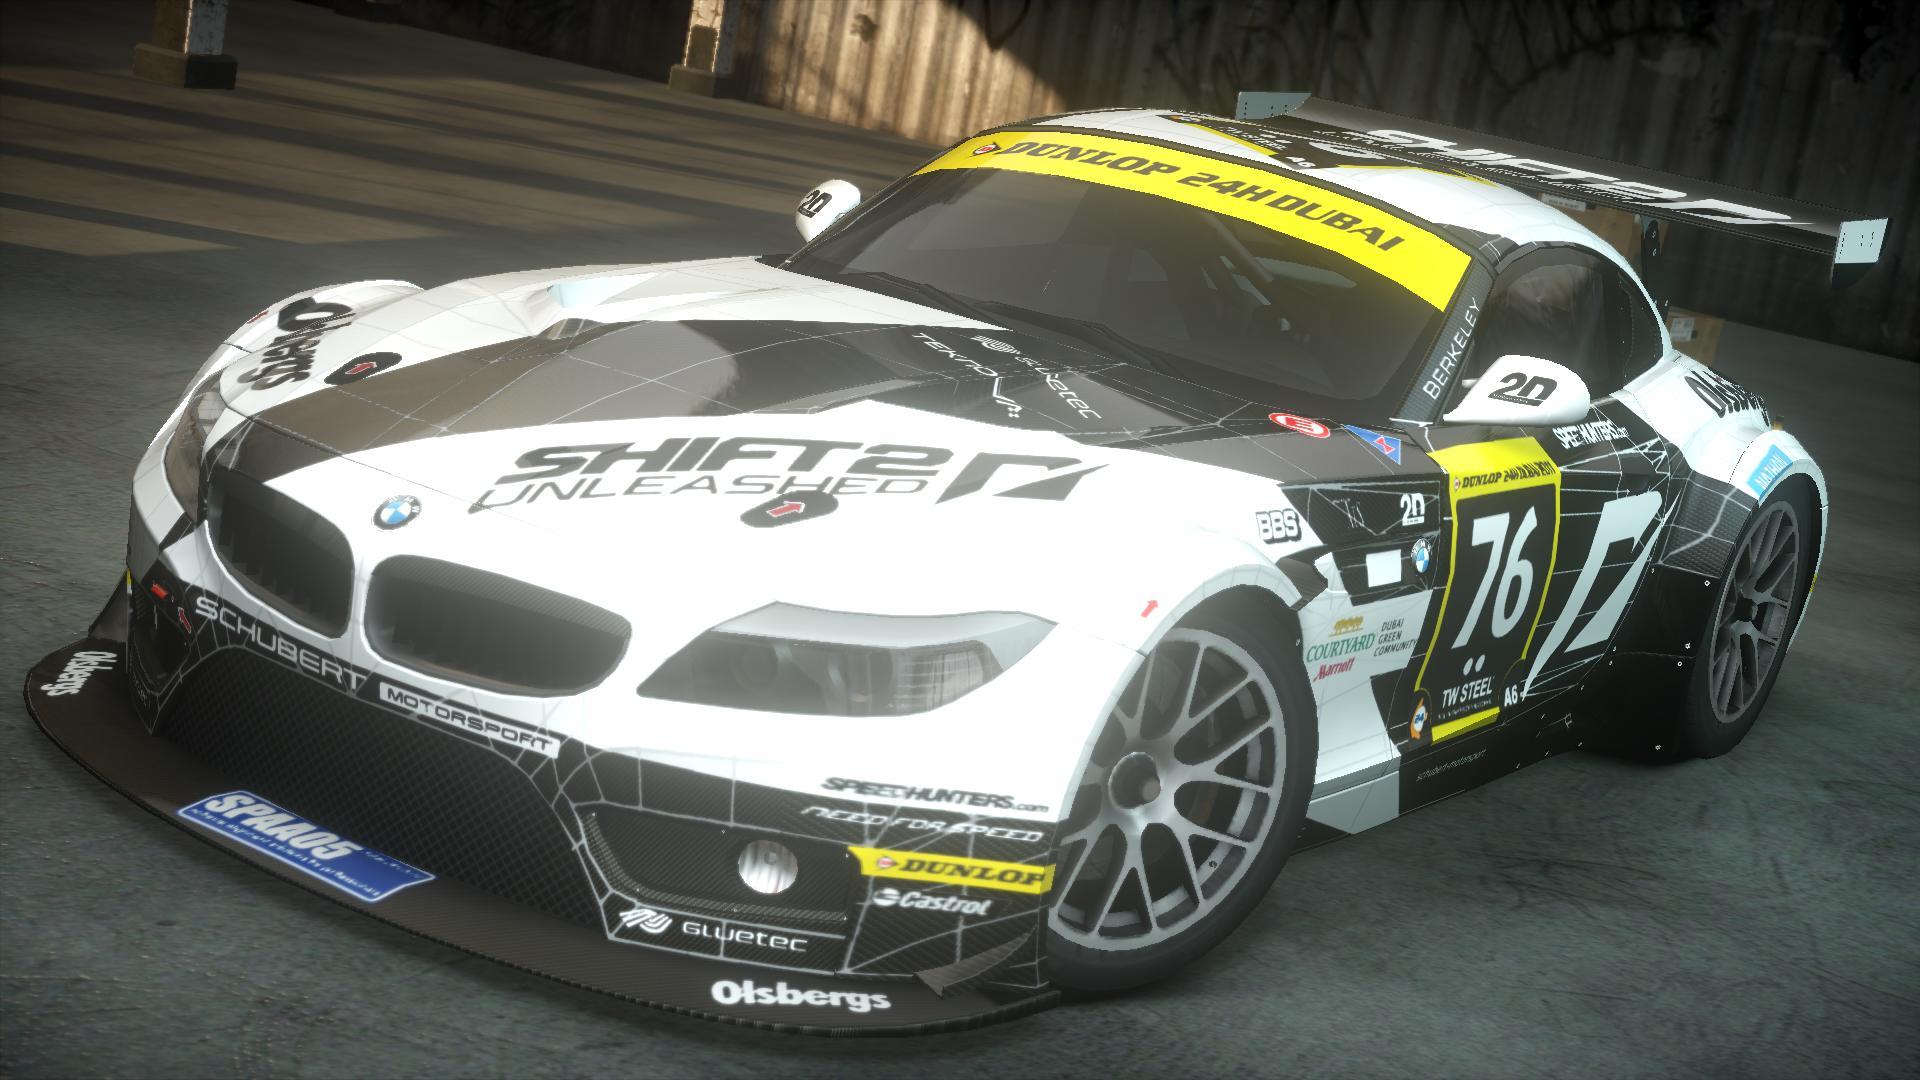 Bmw Z4 Gt3 Need For Speed Wiki Fandom Powered By Wikia